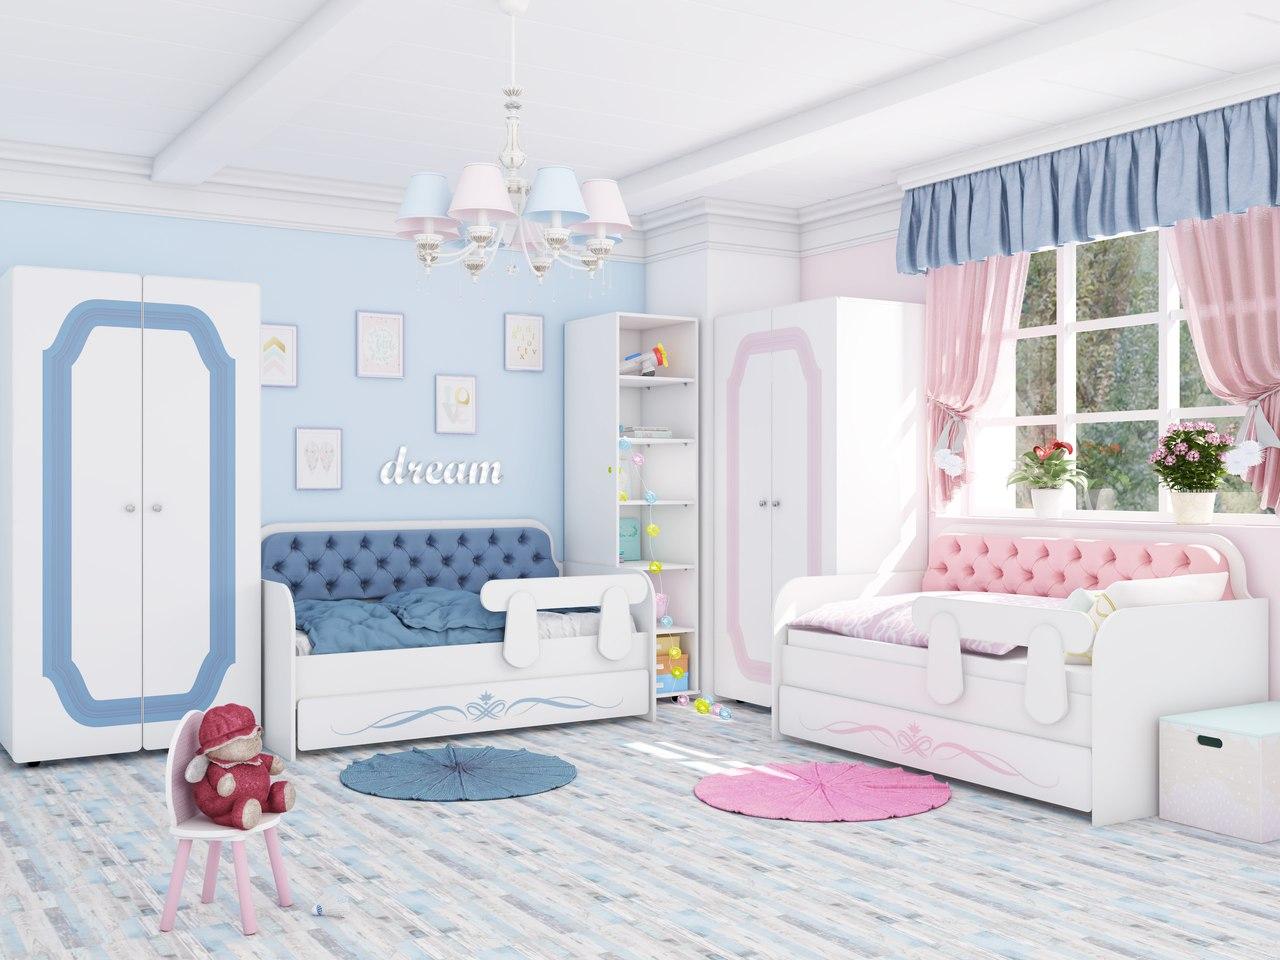 Детская комната Классик коллекция Орнамент (для двойни).